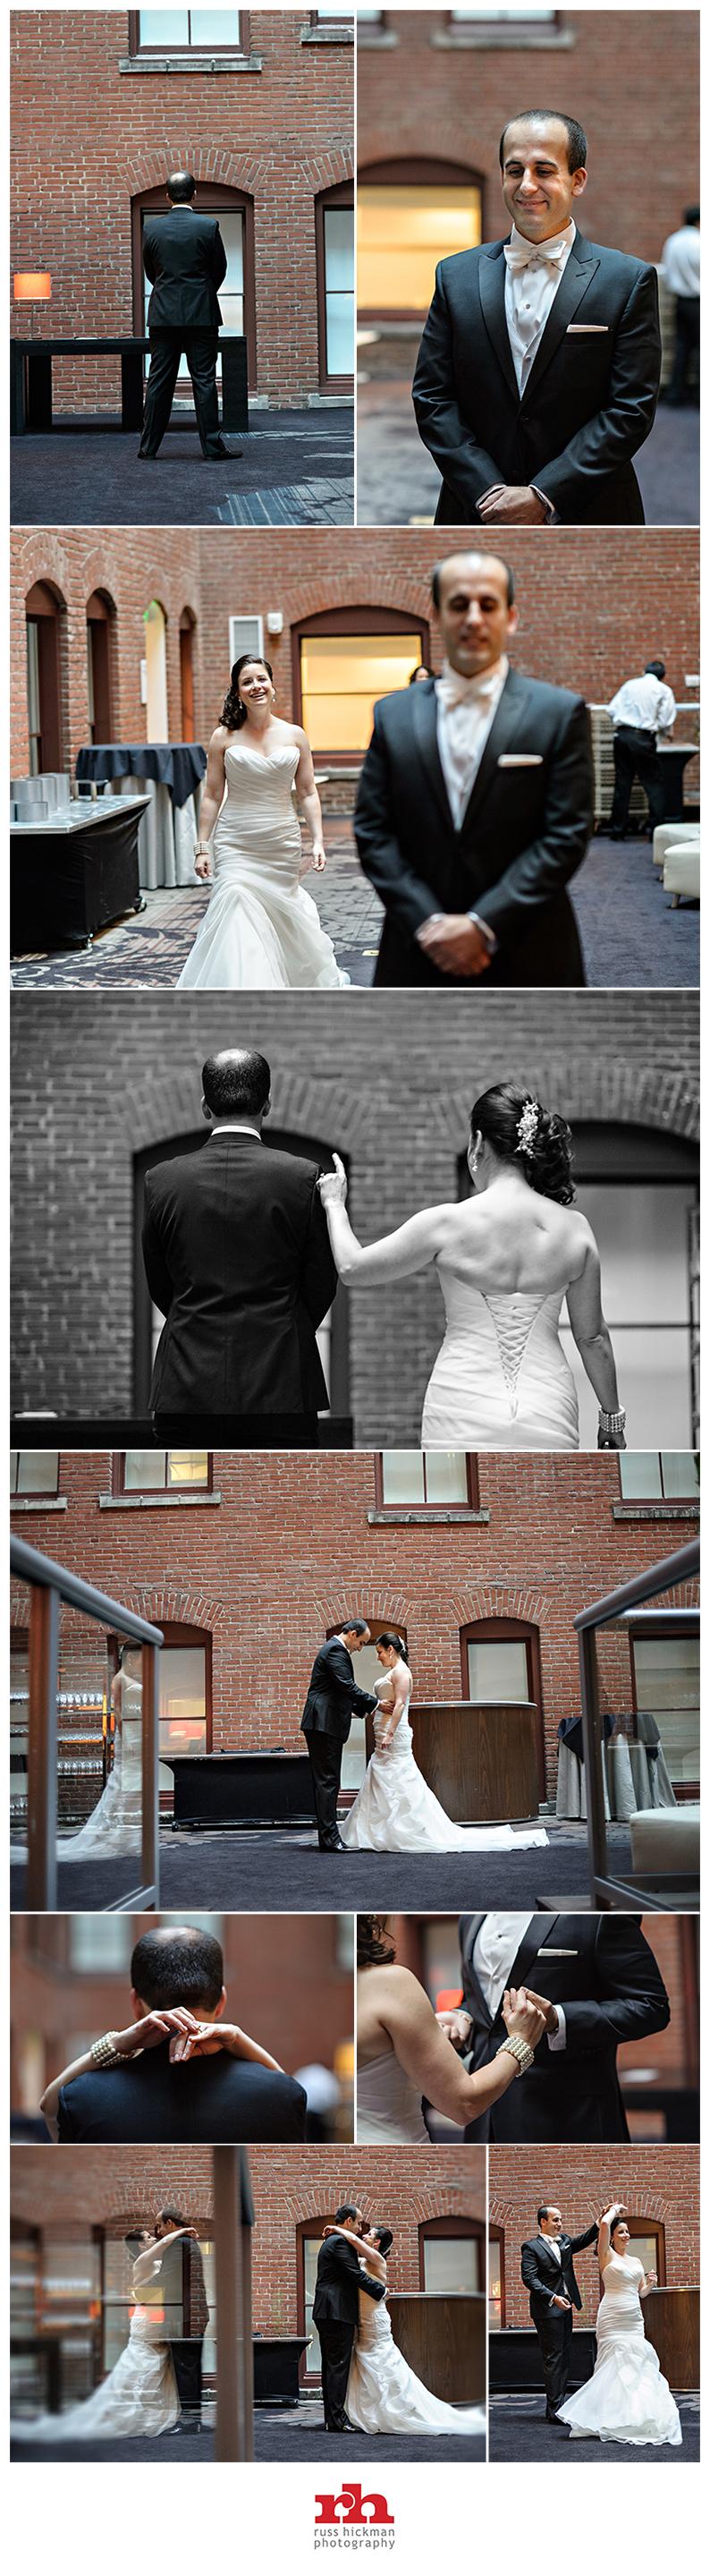 Philadelphia Wedding Photographer JAWBlog005